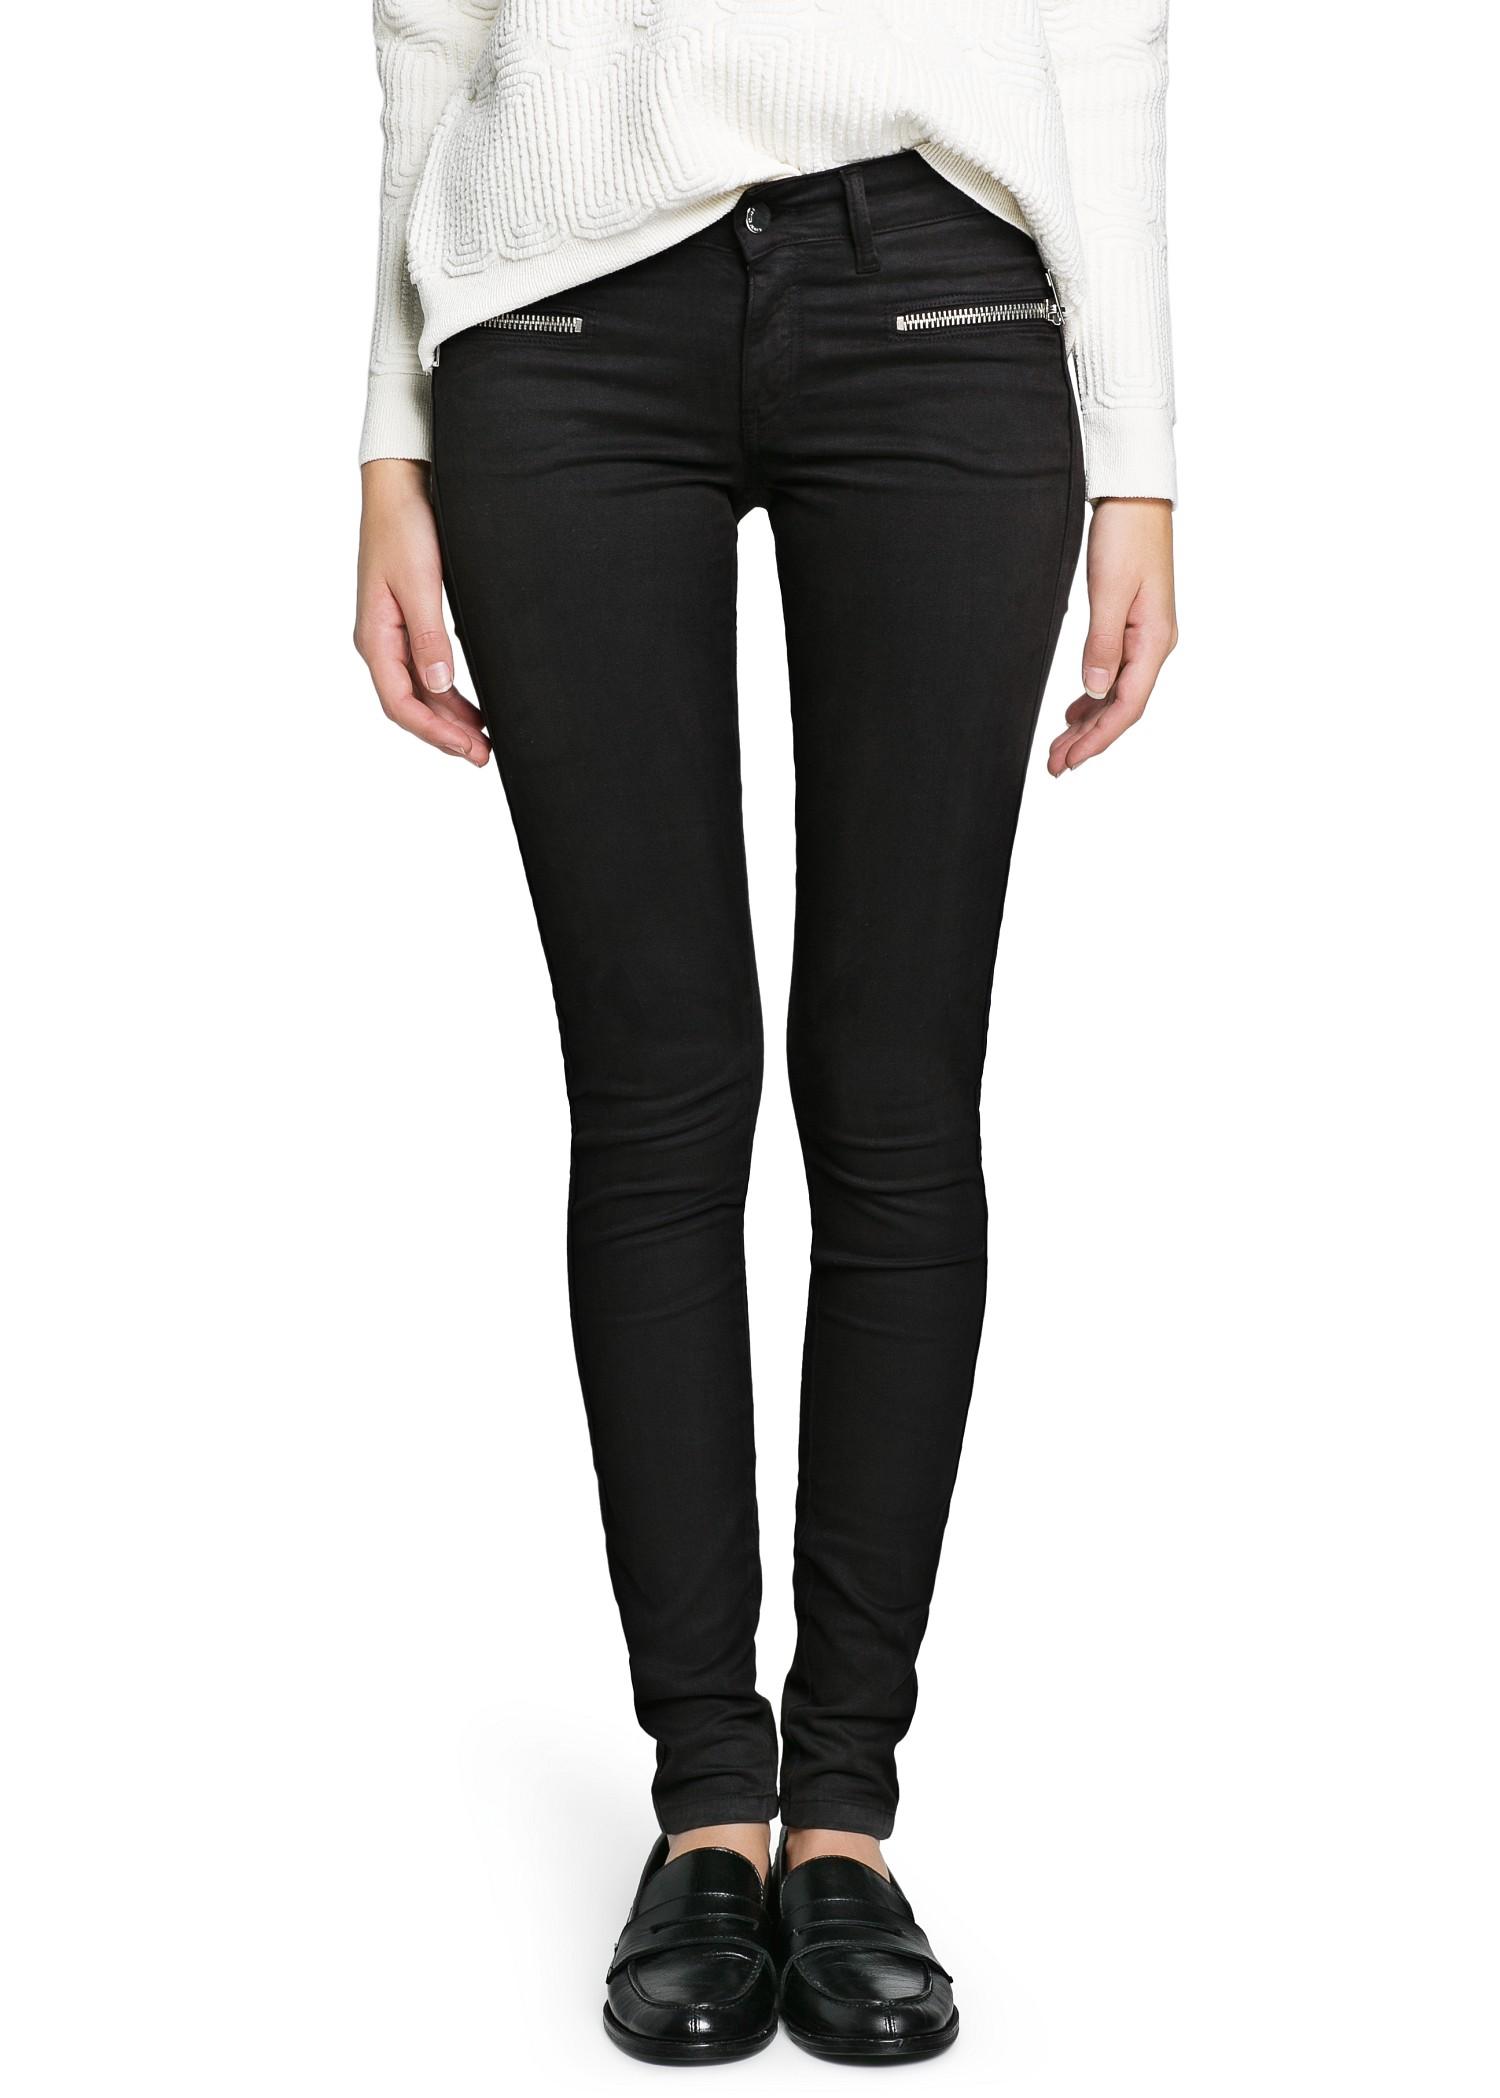 be128074e3 Mango Super Slim Fit Zip Black Jeans in Black - Lyst